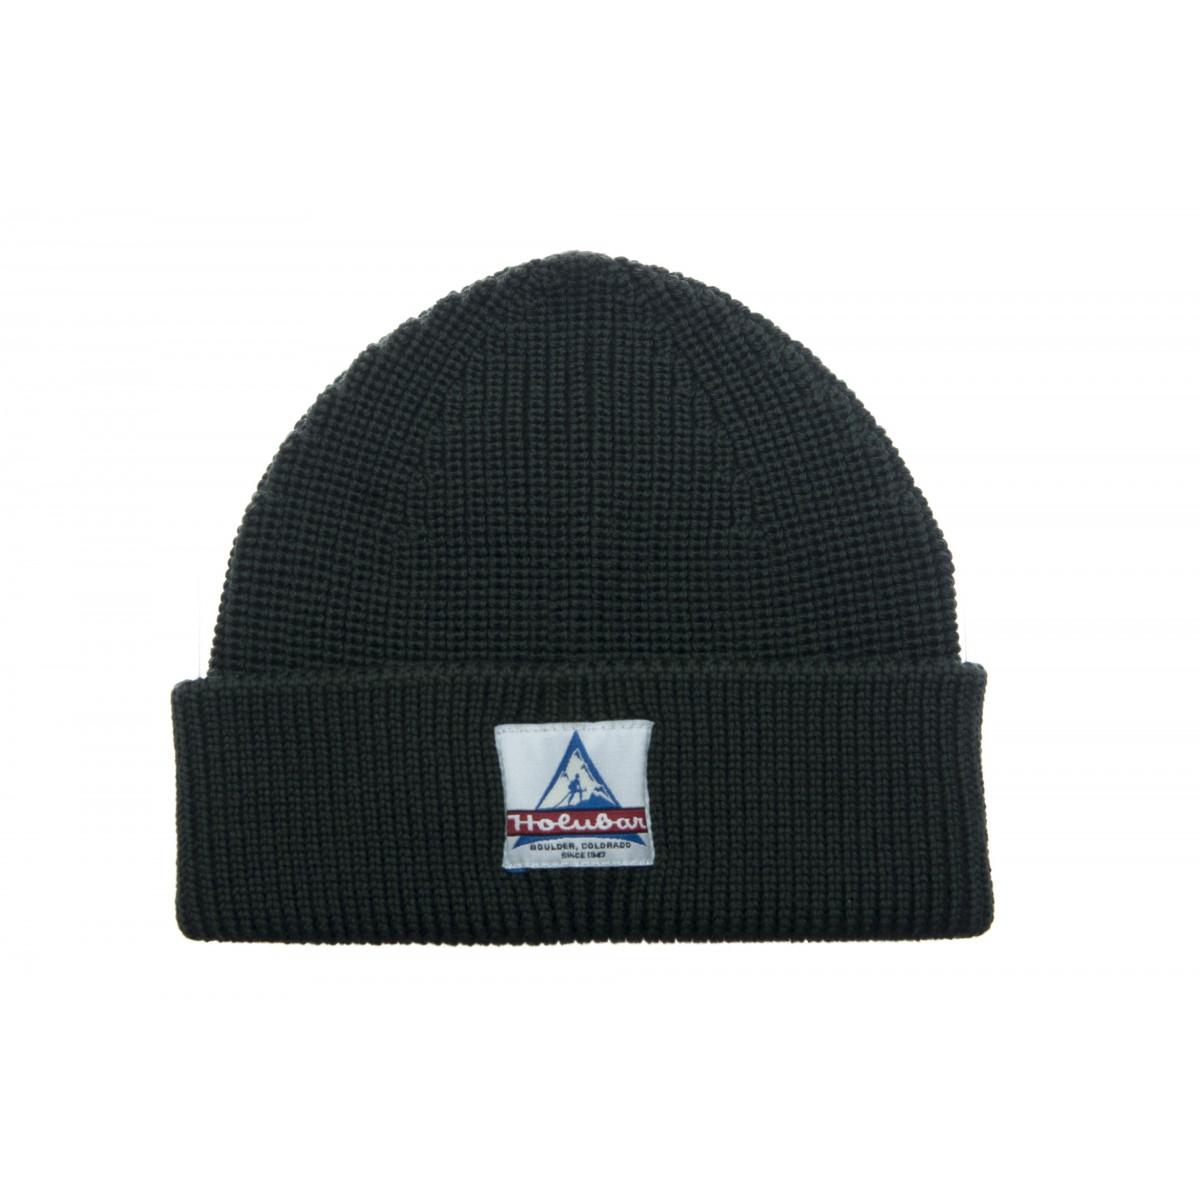 Berretto - M353 mw29 berretto lana merinos